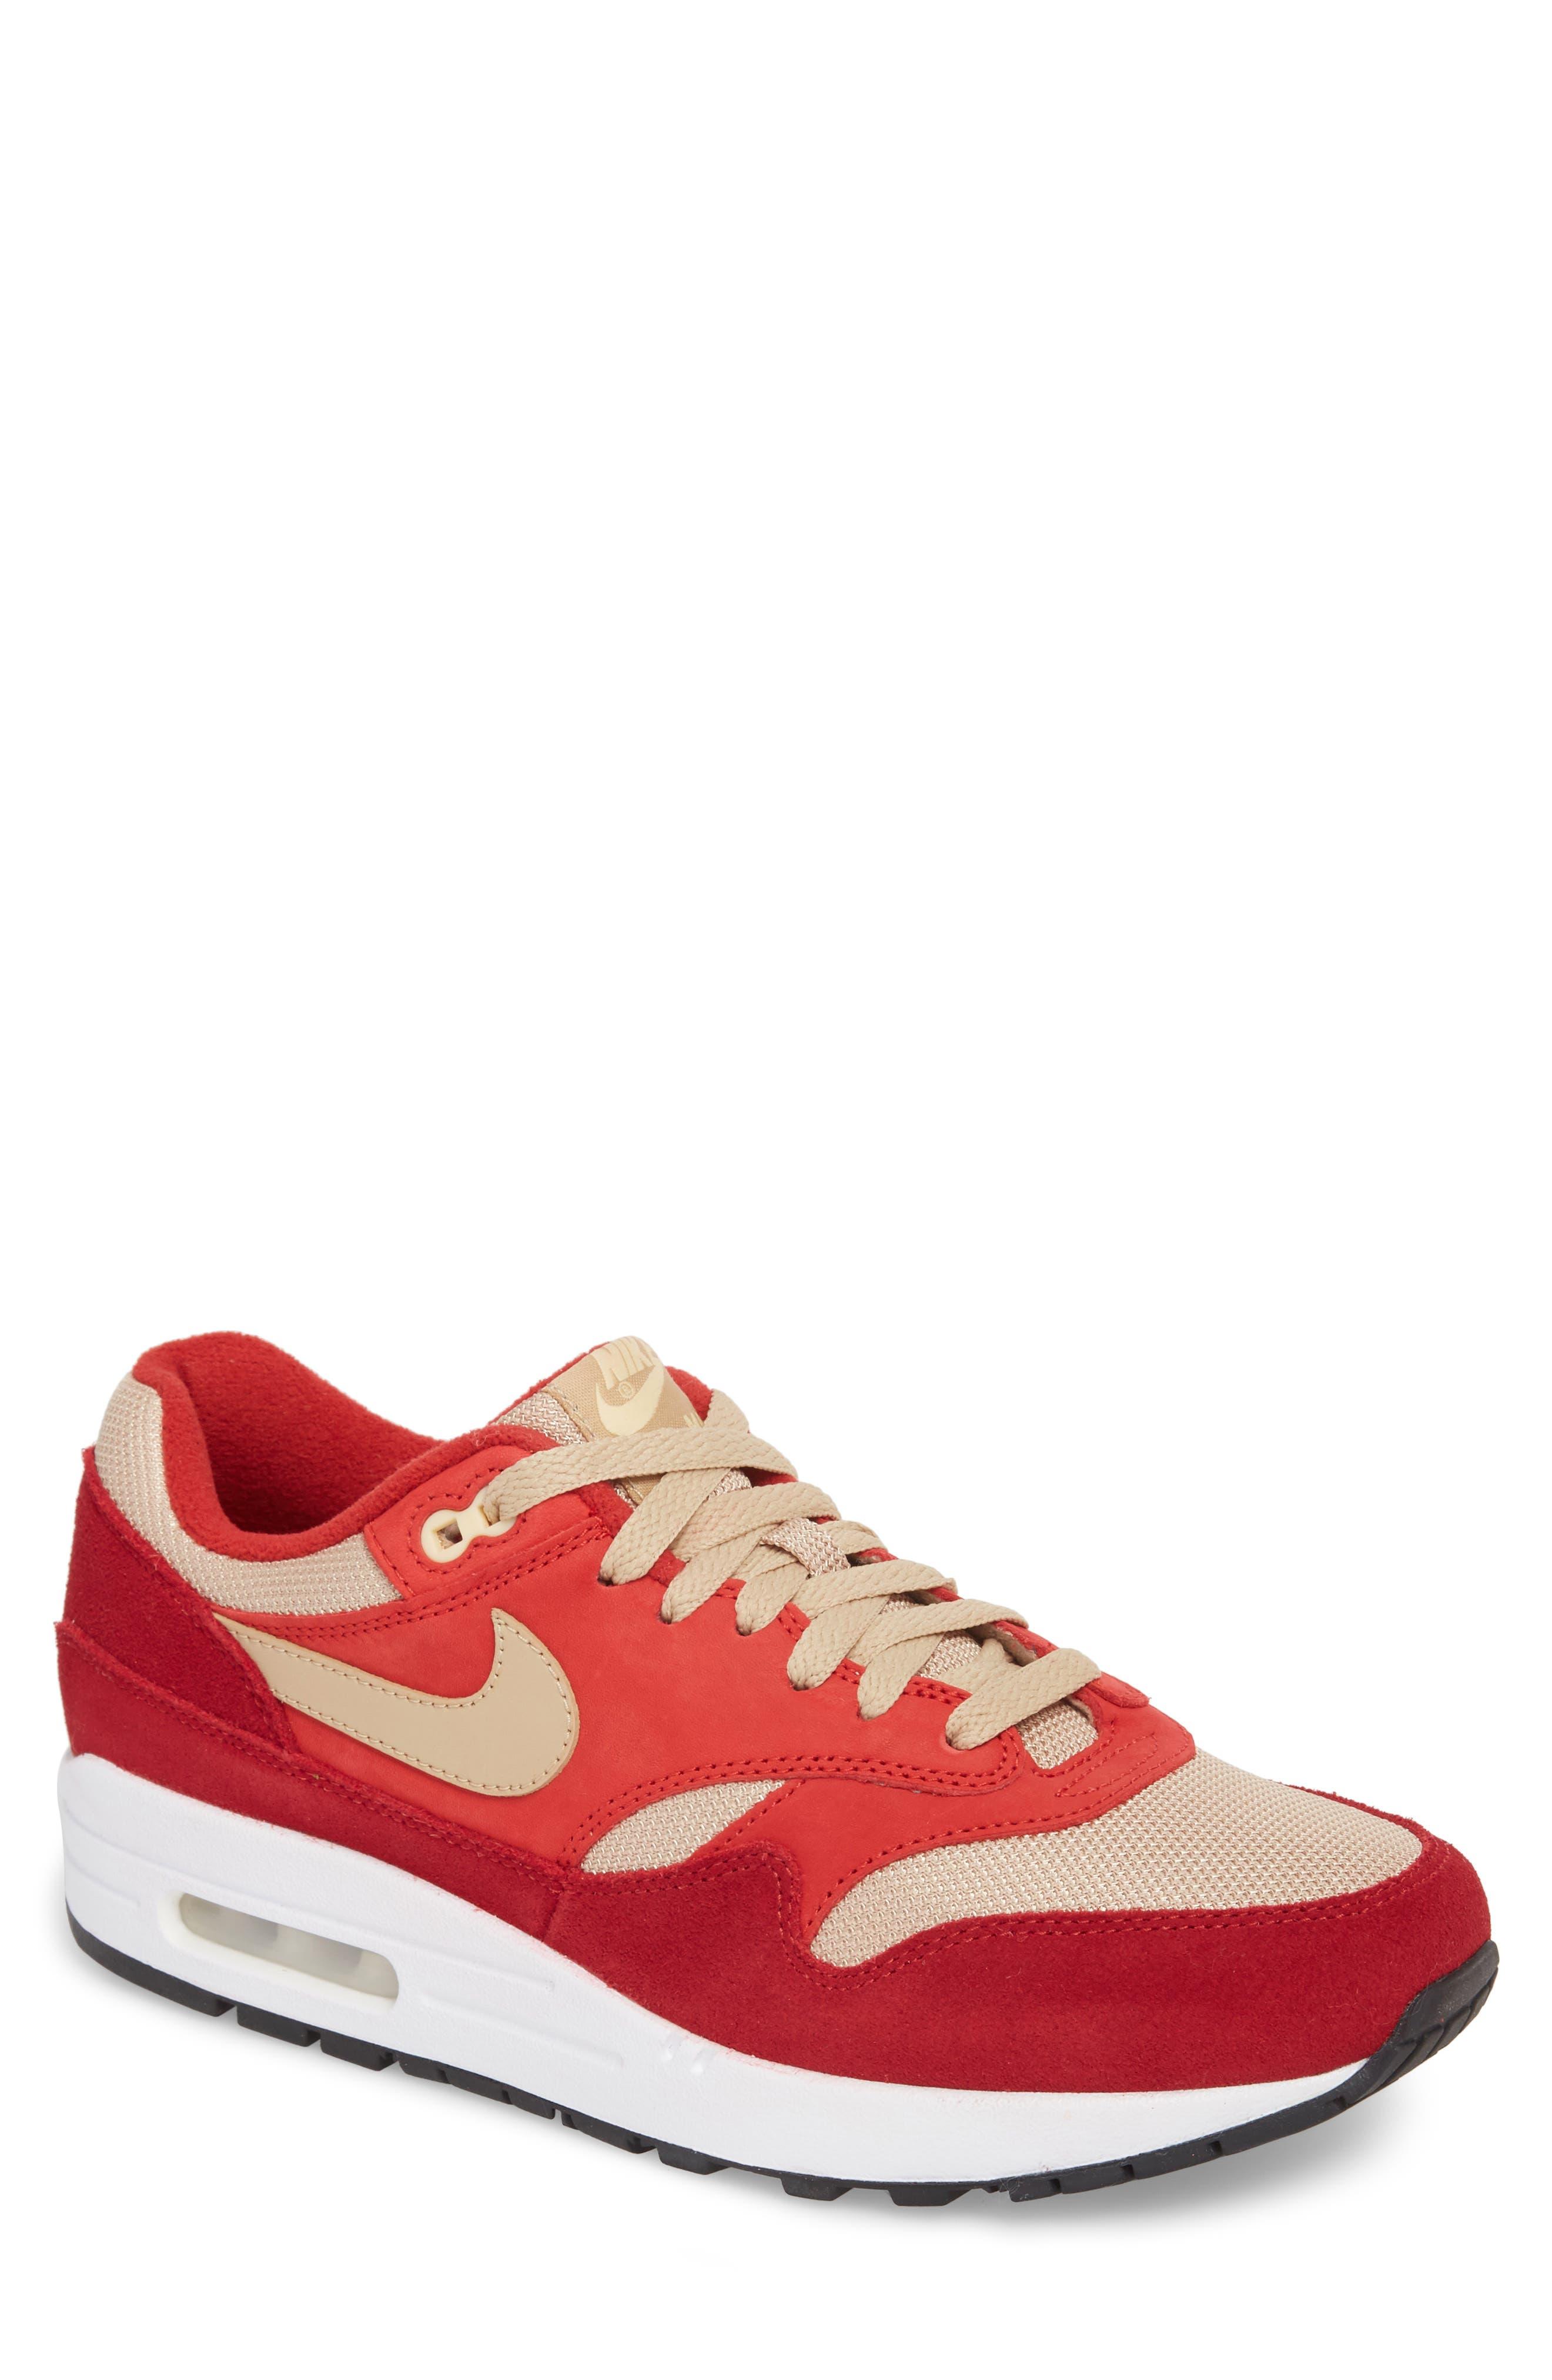 Air Max 1 Premium Retro Sneaker,                             Main thumbnail 1, color,                             Red/ Mushroom-Red-Vanilla